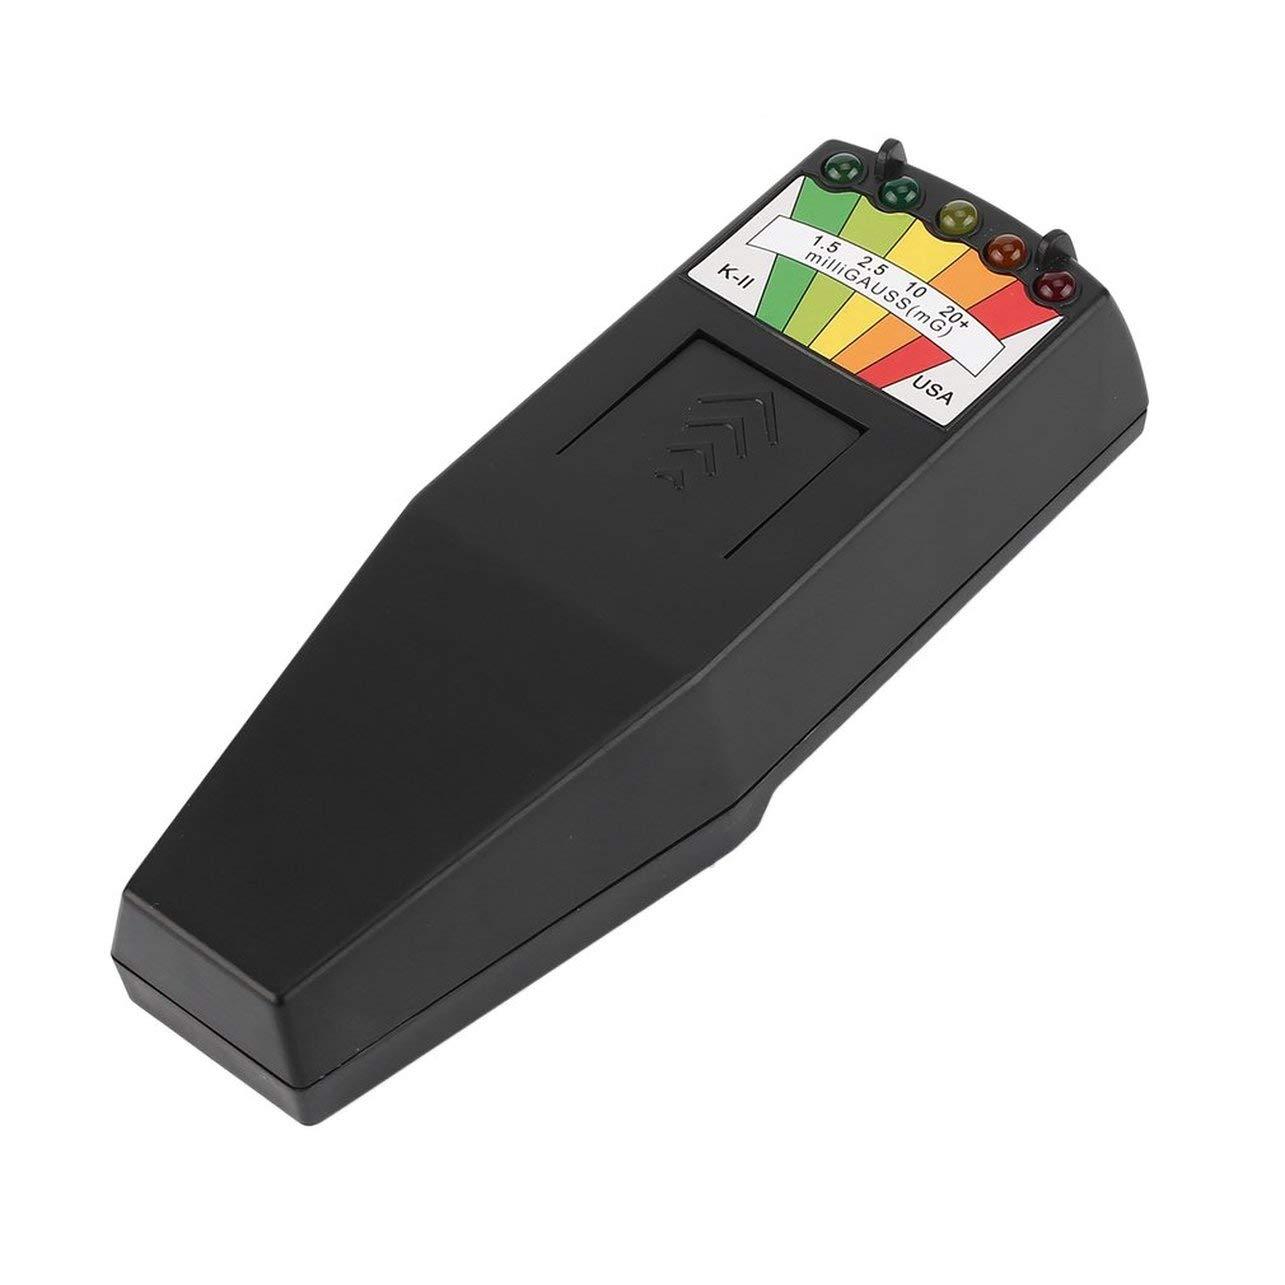 Hot Electromagnetic Radiation Detector LCD General EMF Meter Dosimeter Tester Color:Black